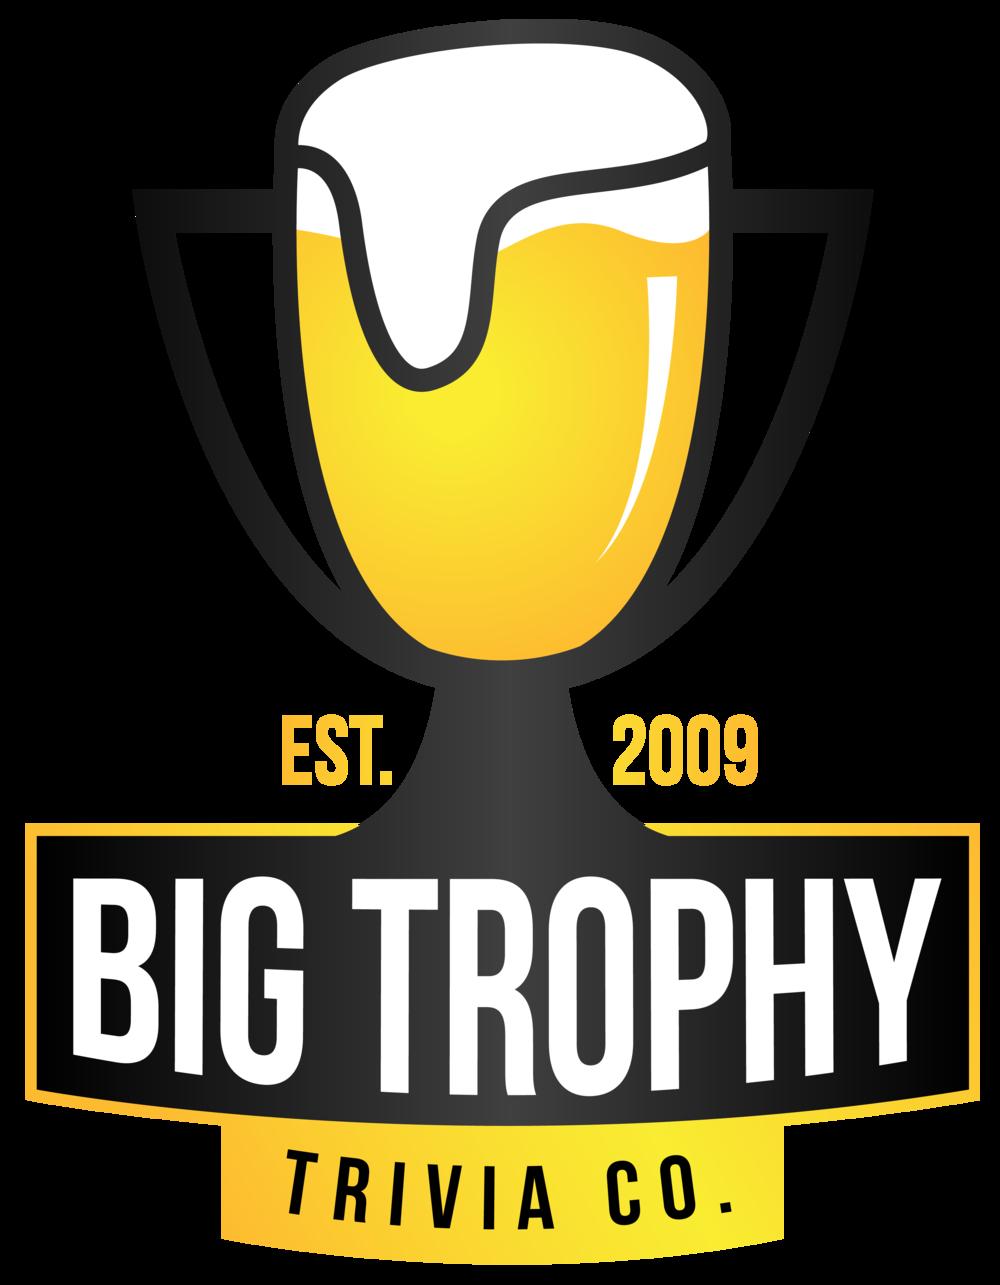 Big Trophy Trivia Co